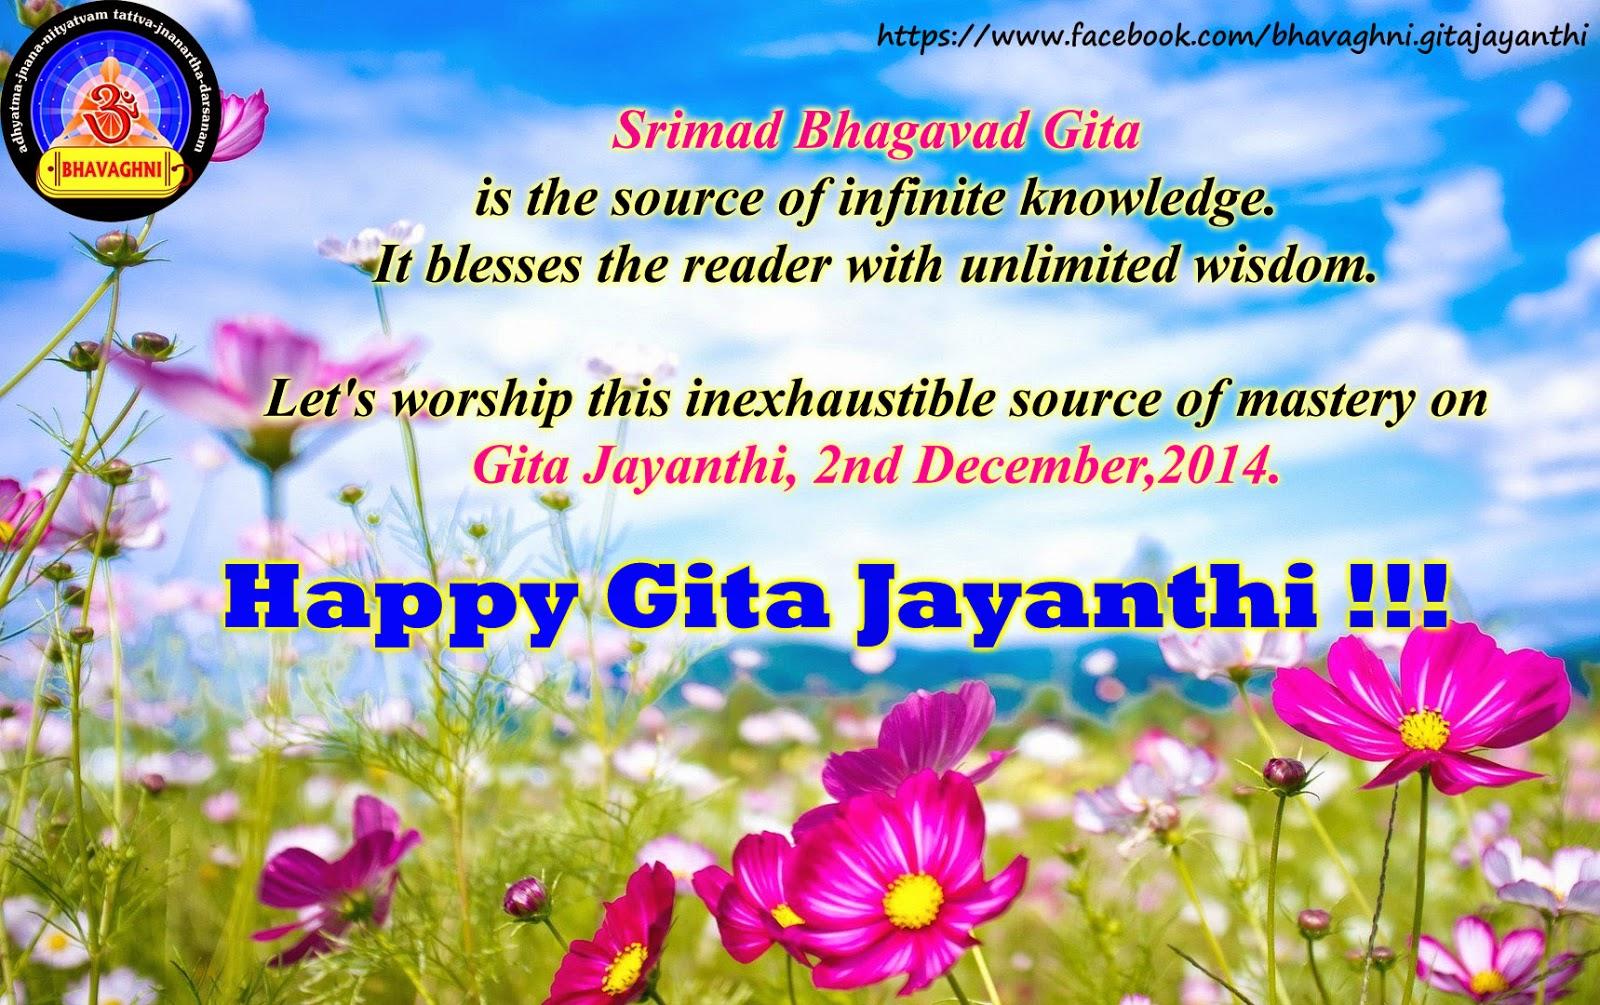 Happy Gita Jayanthi